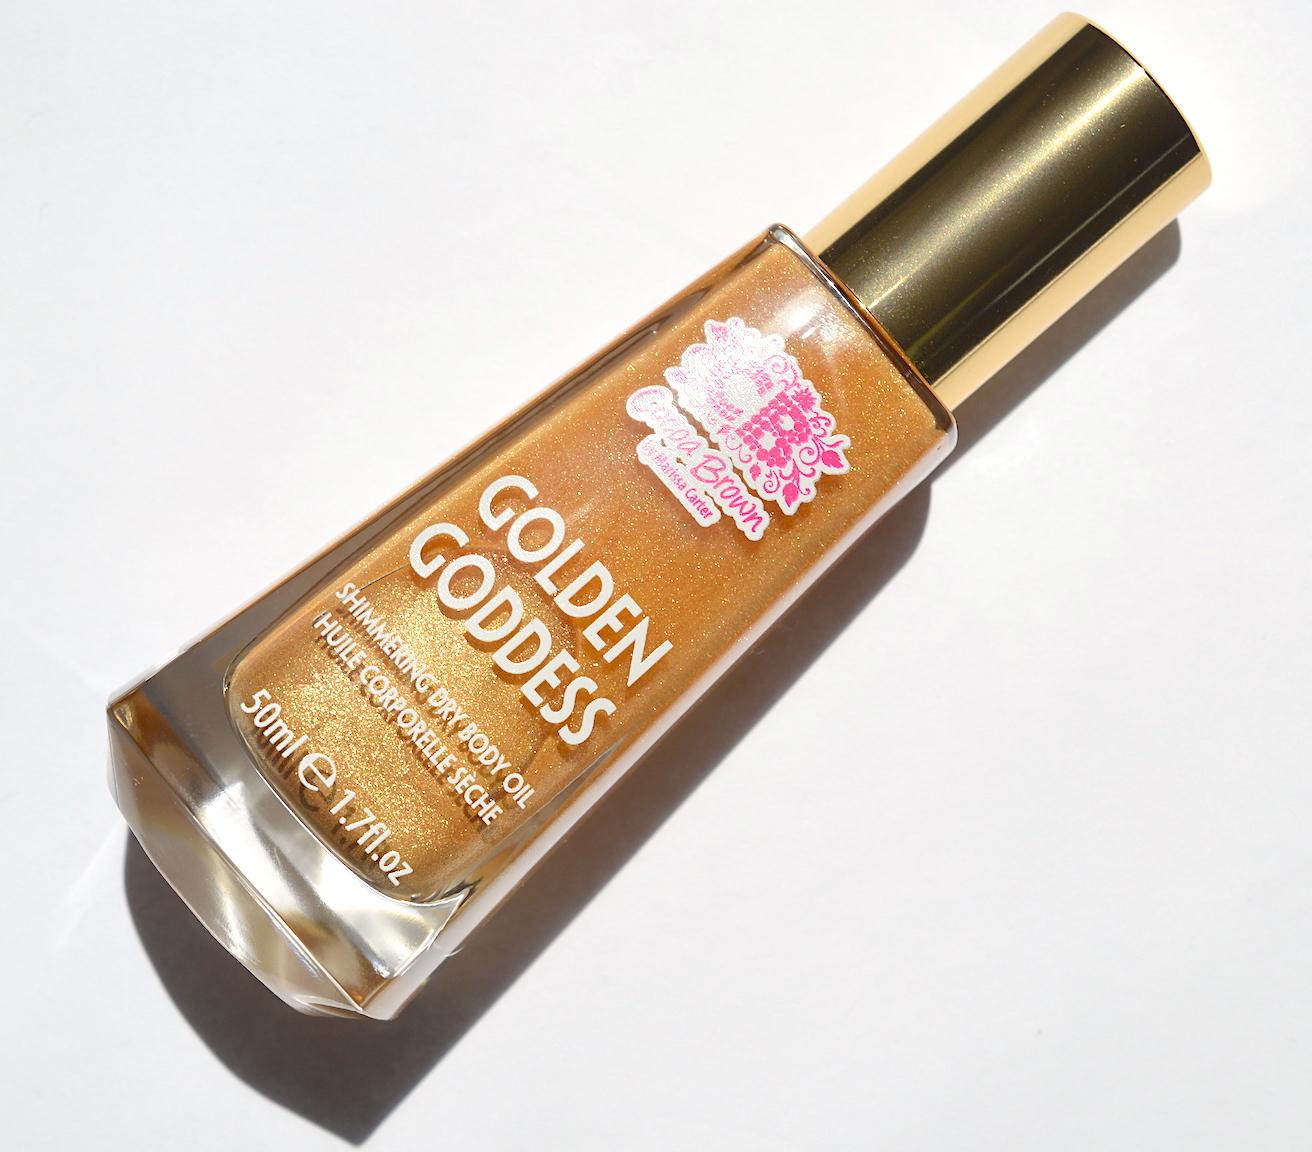 Coca Brown Golden Goddess